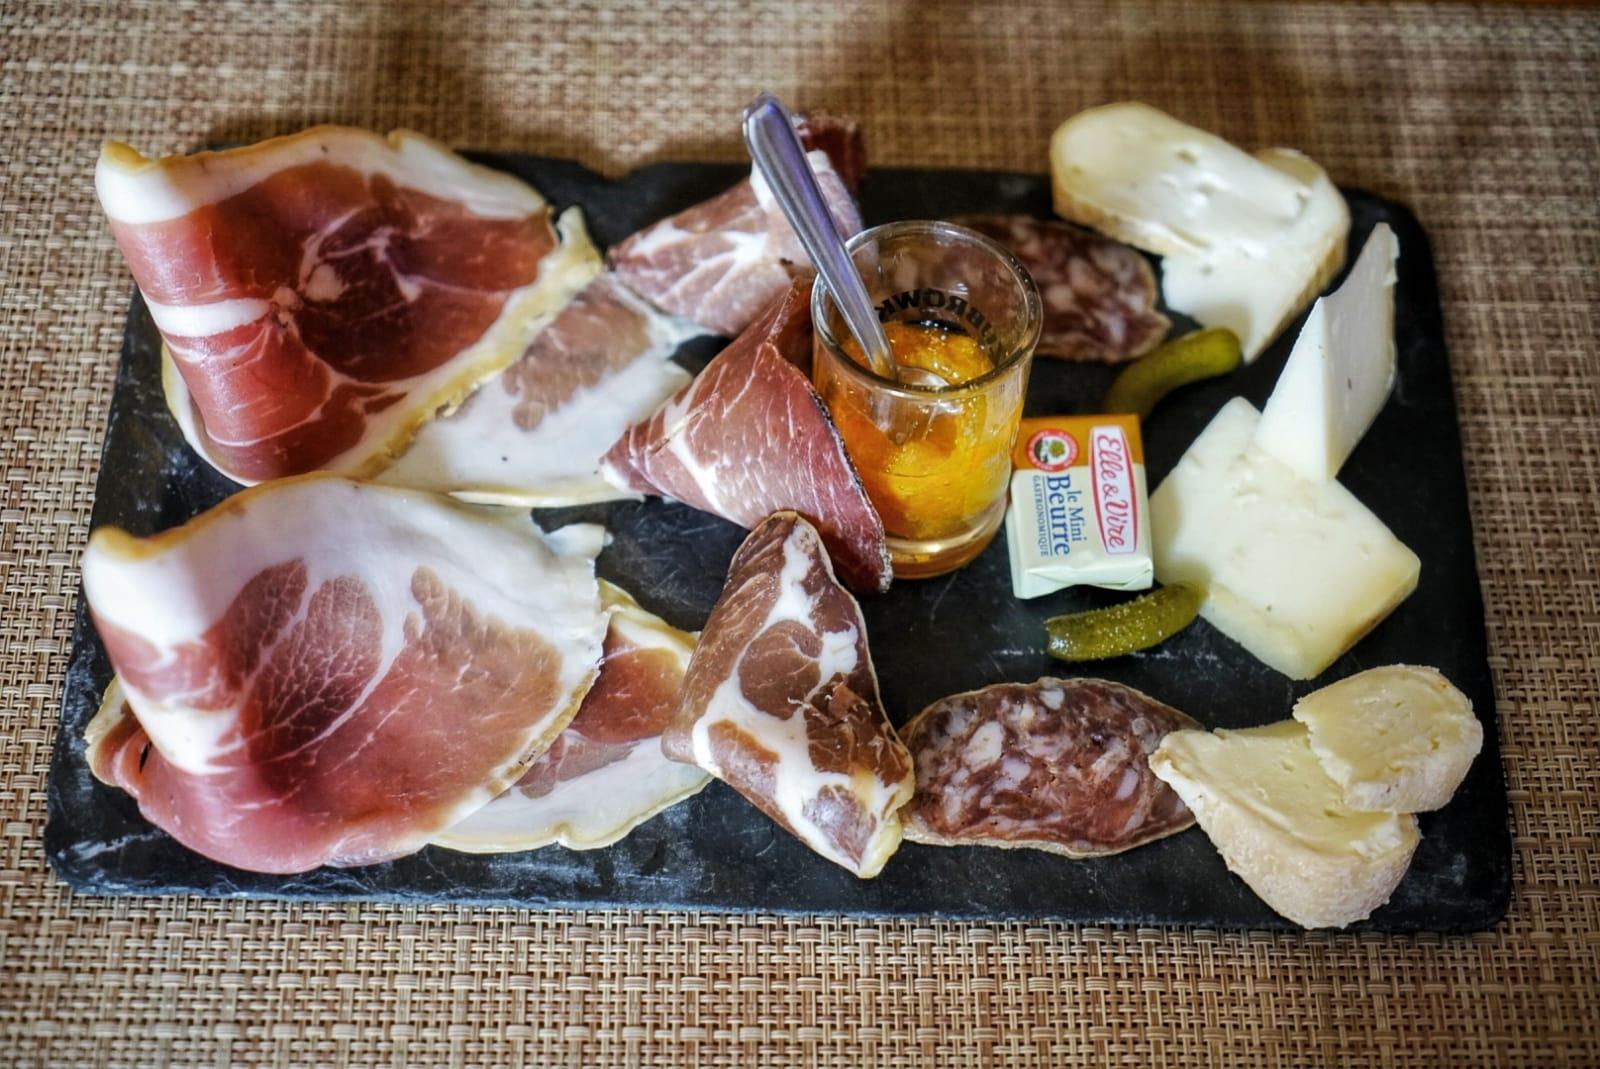 Tabla de embutidos y quesos corsos